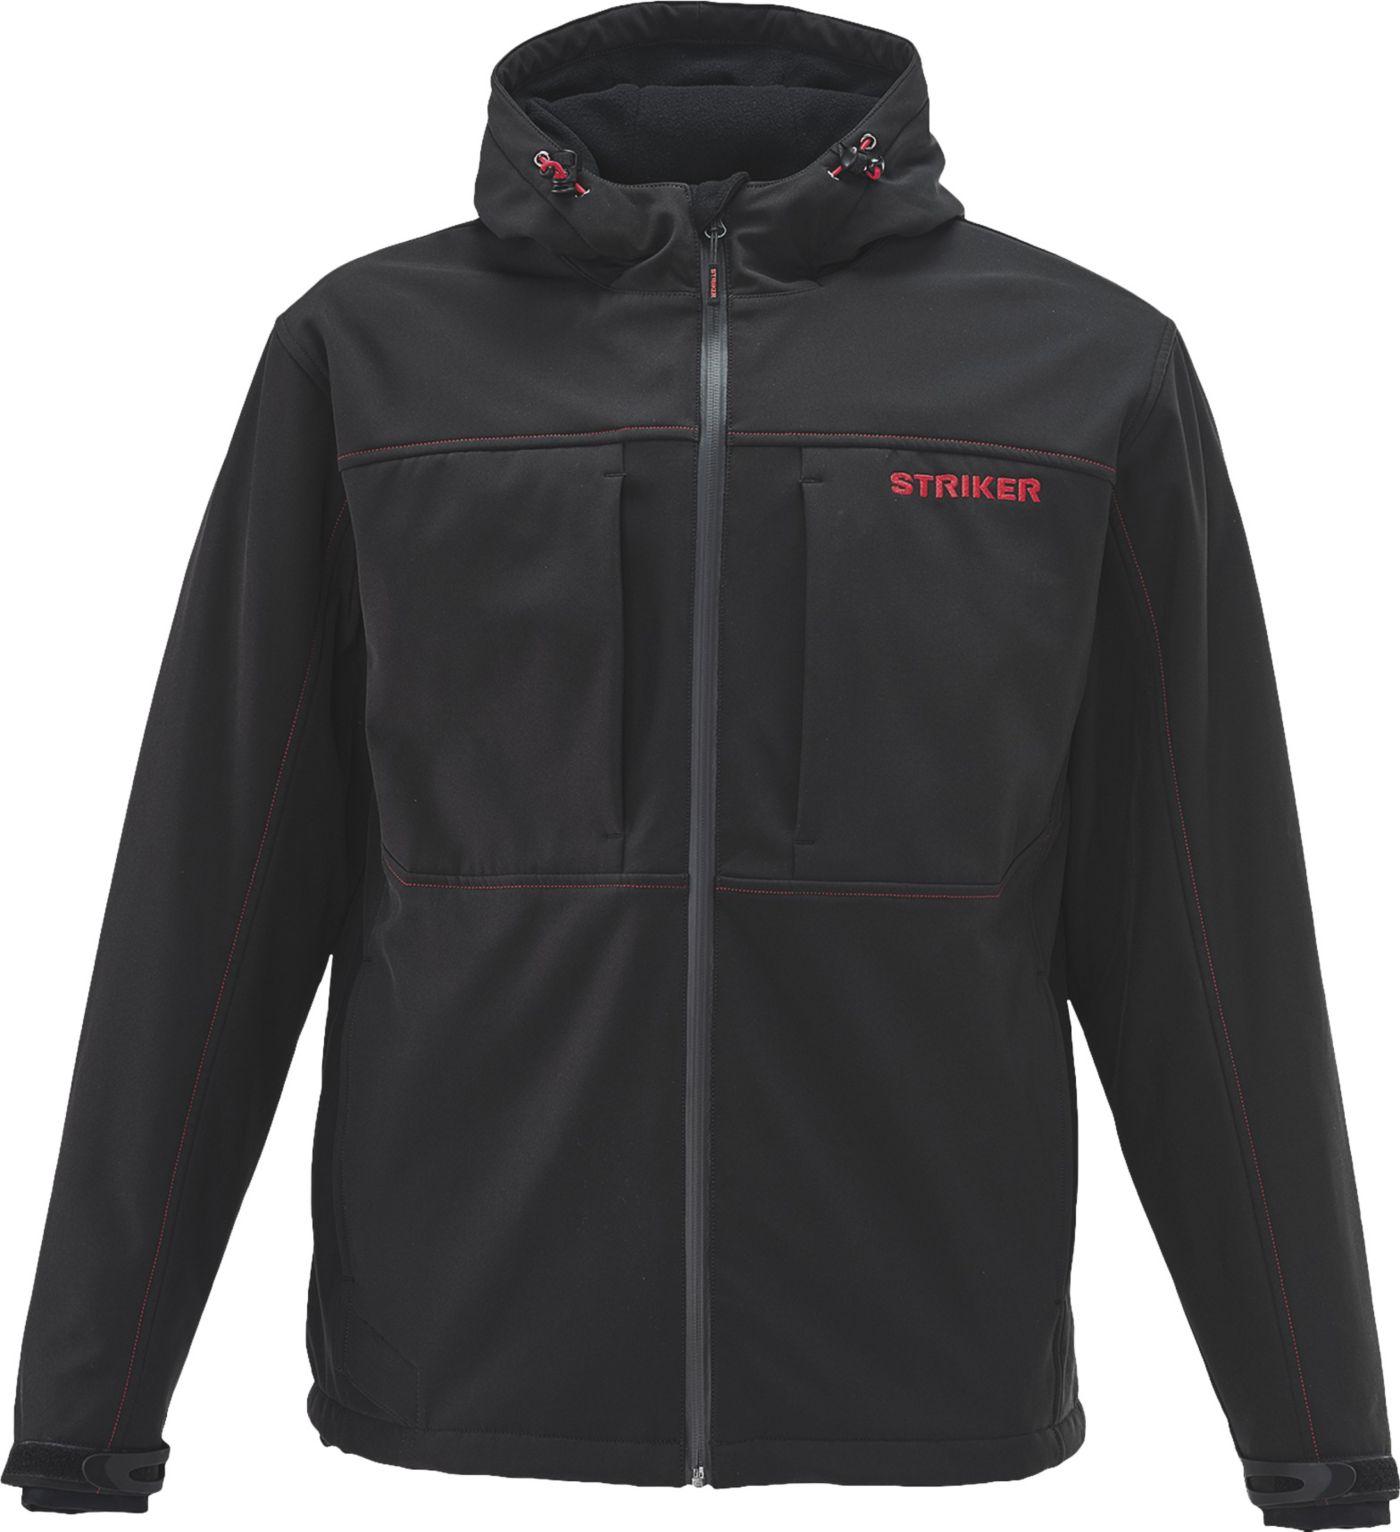 Striker Men's Rival Hooded Softshell Jacket